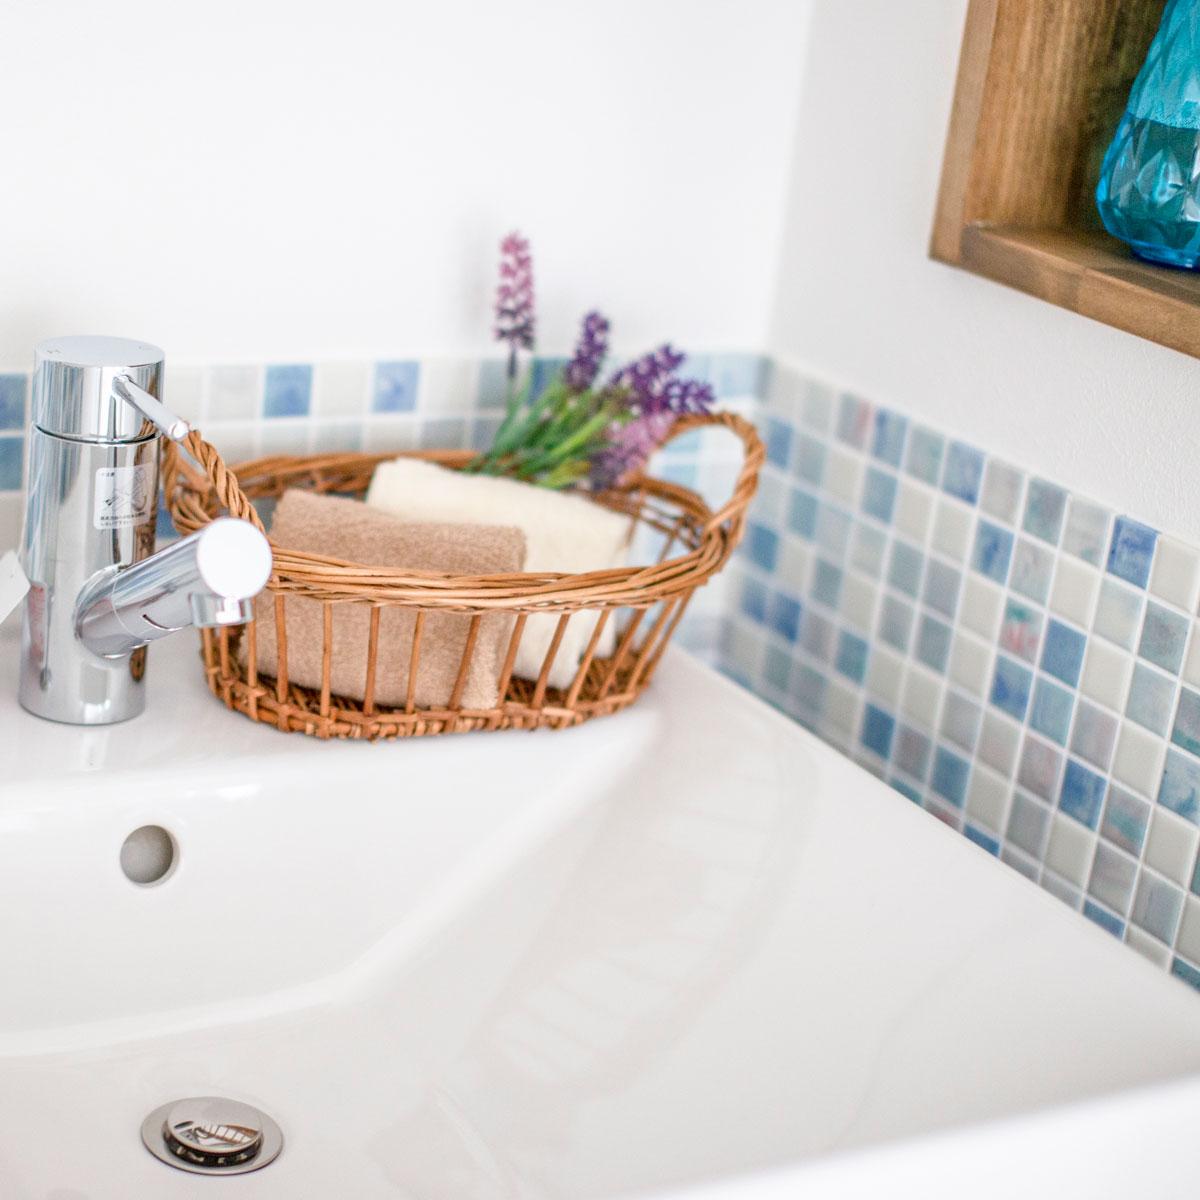 ブルーのモザイクタイルがおしゃれな洗面台